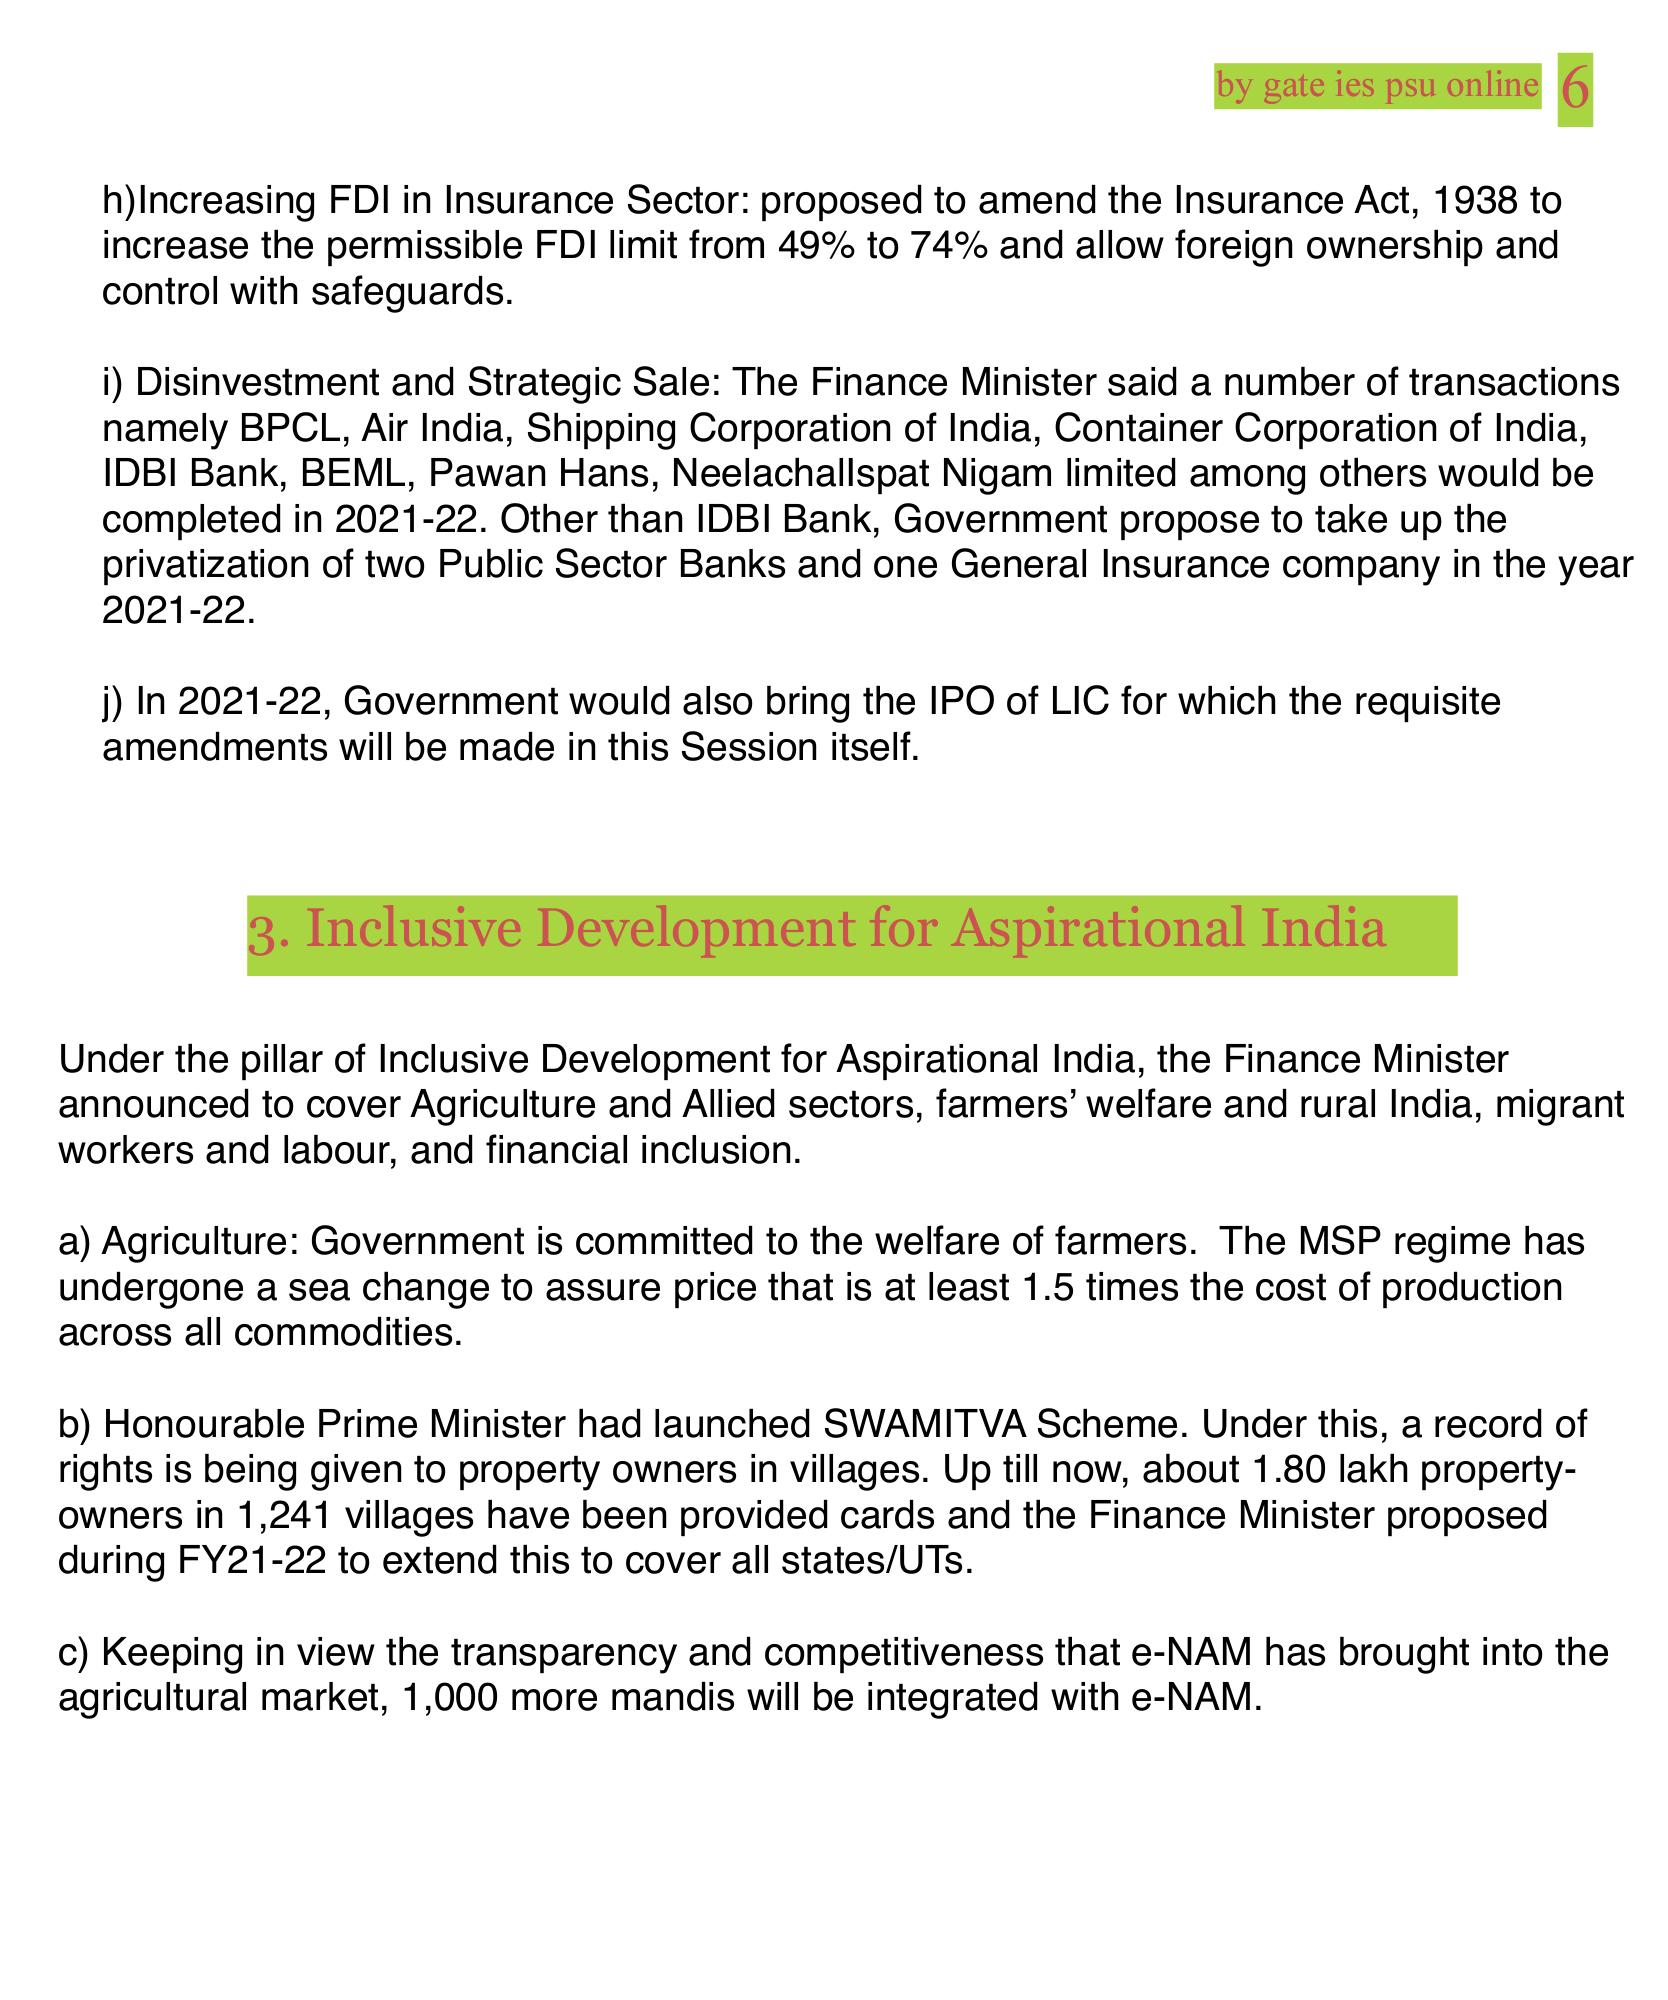 LIC IPO, disinvestment, e Nam 1000,UPSC CURRENT AFFAIRS